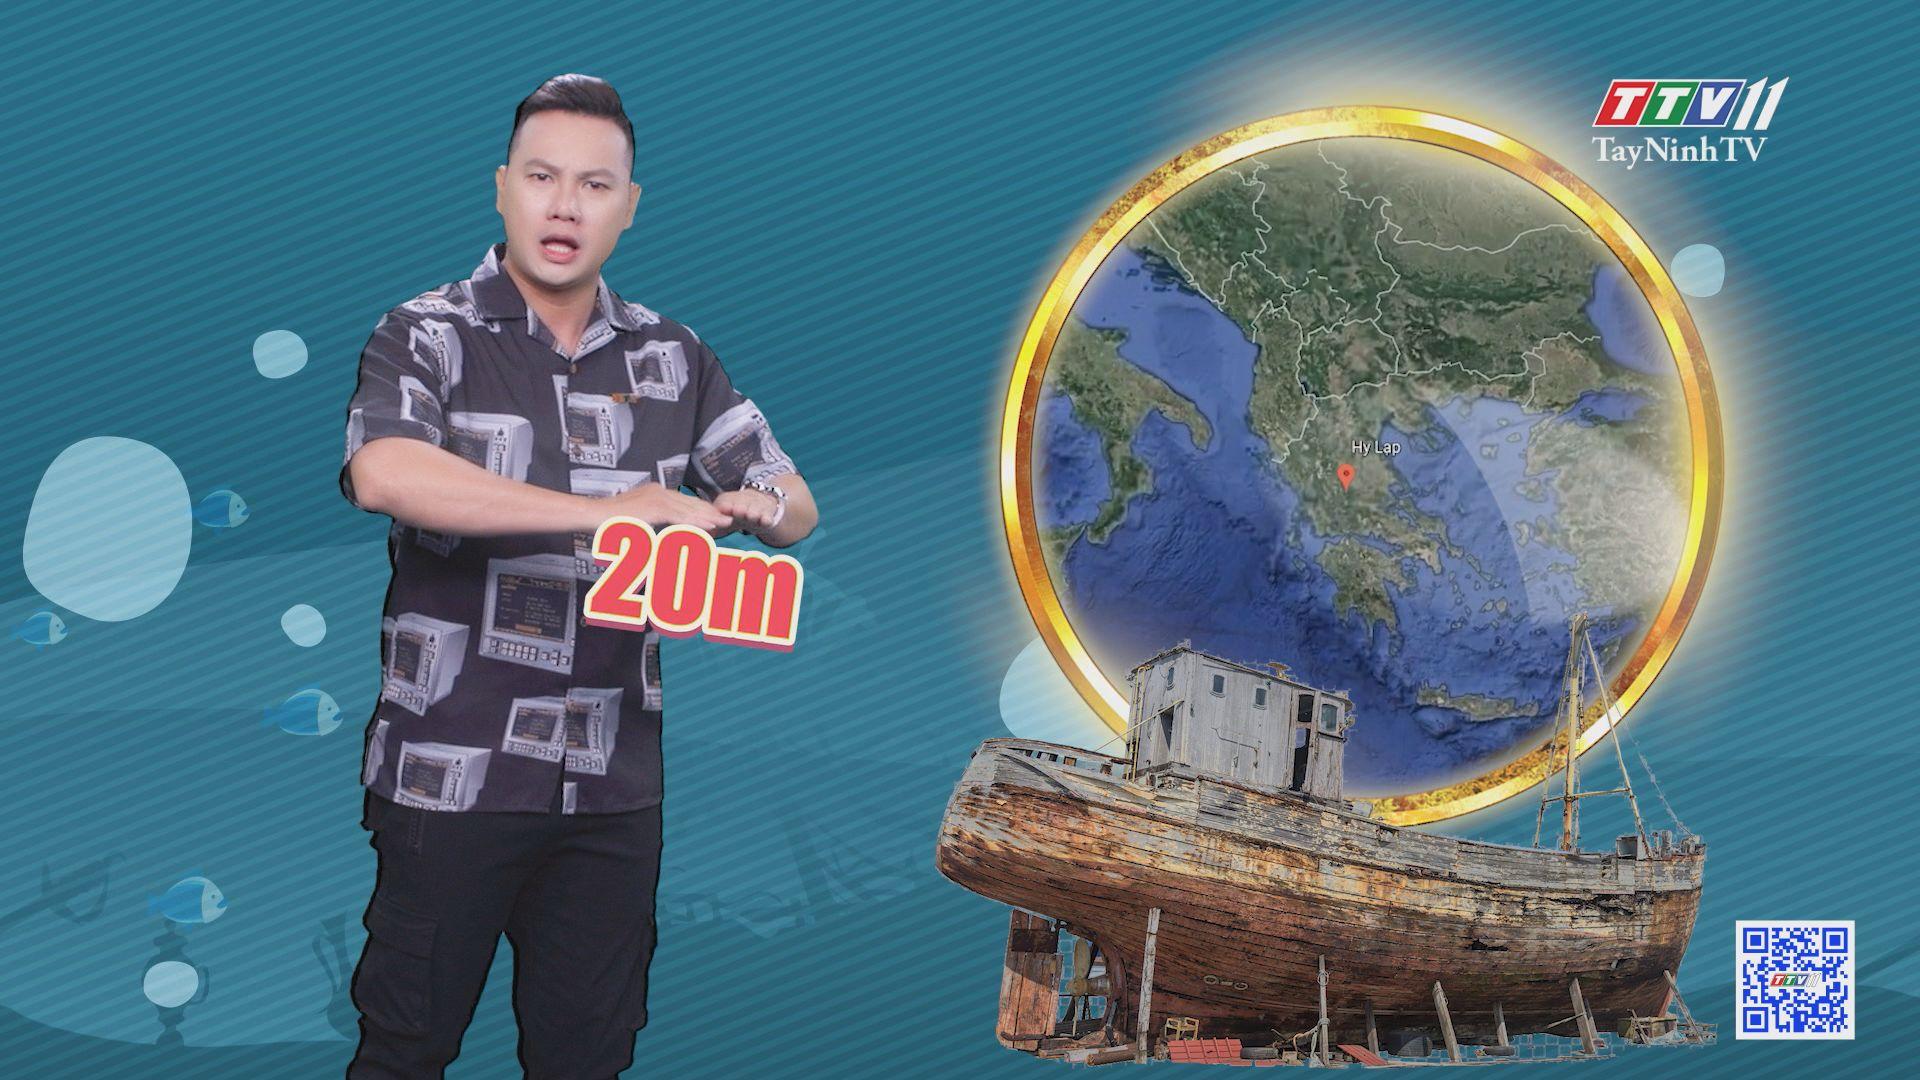 Bảo tàng dưới biển đầu tiên trên thế giới | Chuyện Đông Tây Kỳ Thú | TayNinhTVE